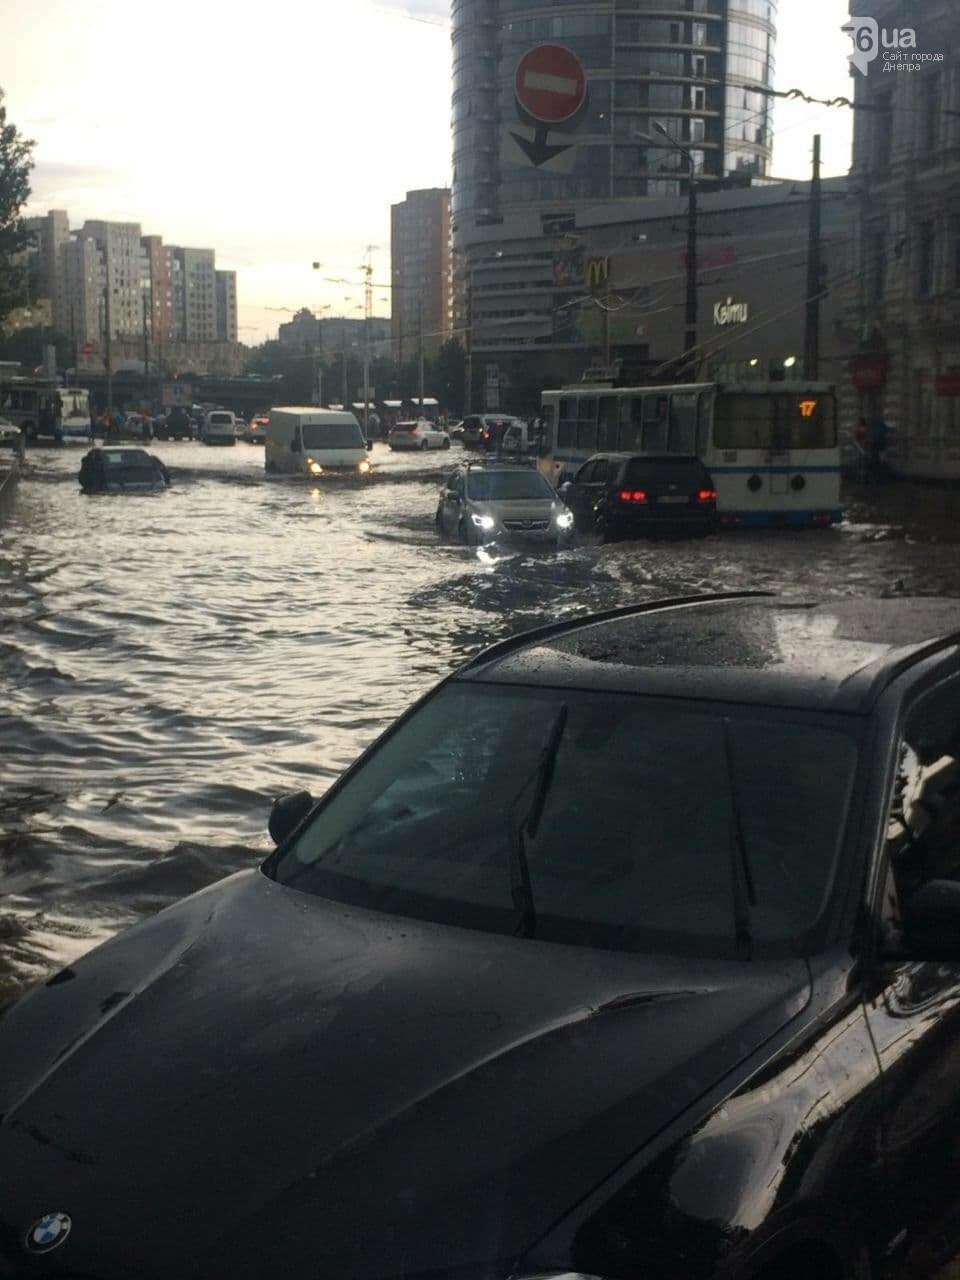 """Центр Днепра затопил ливень: машины """"плавают"""" возле Мост-Сити, - ФОТО, фото-2"""